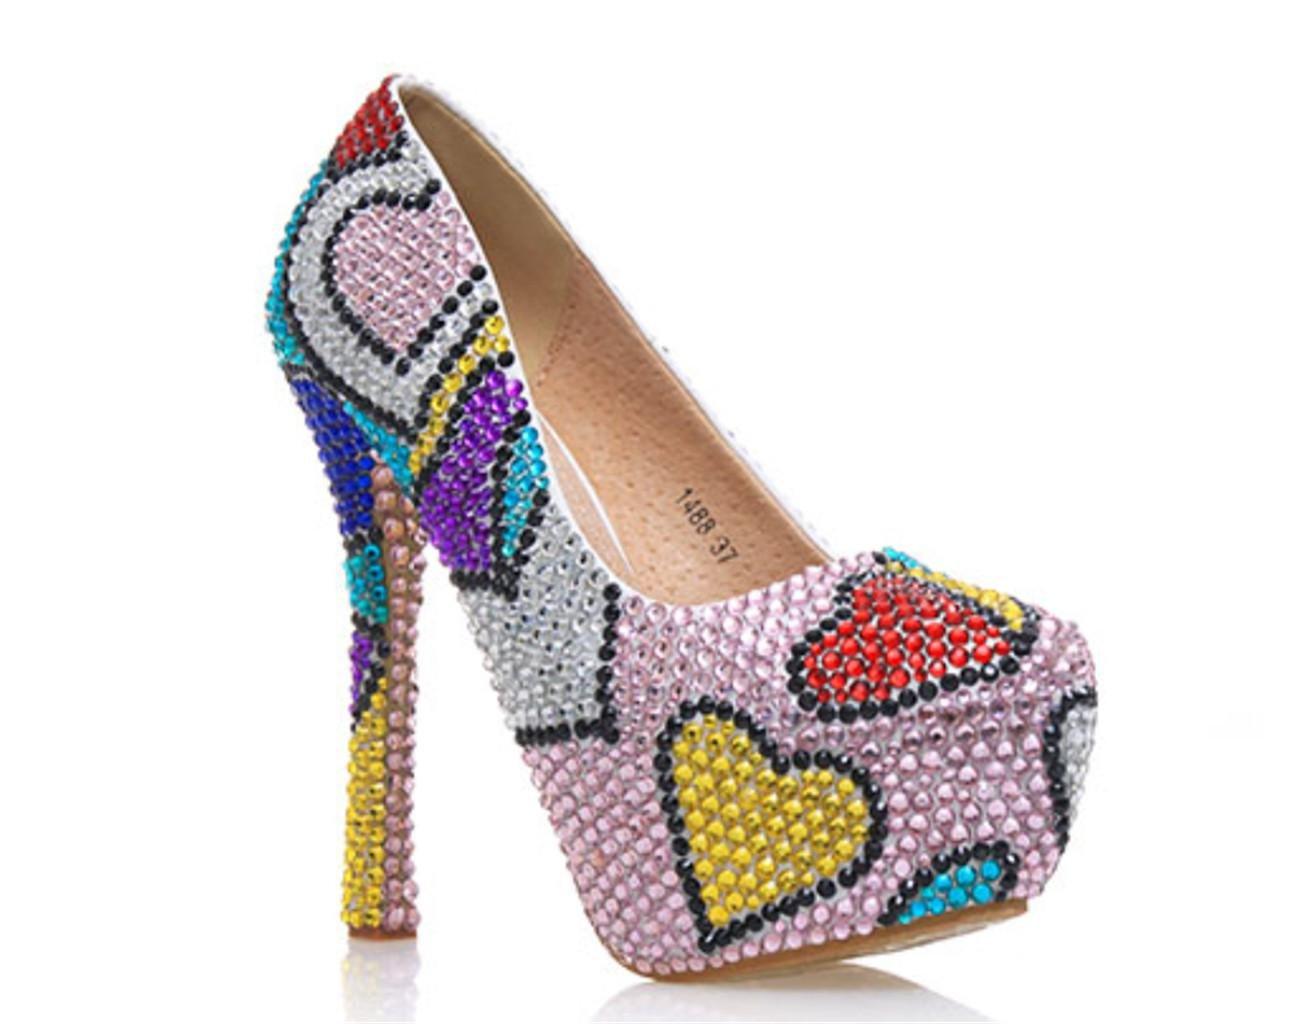 Kitzen Ladies Color Rhinestones Corte Zapatos Mujer DiseñAdor De Tacones Altos Plataforma De Encaje Partido Estiletto Novia De Novia De La Boda 36 EU|Color